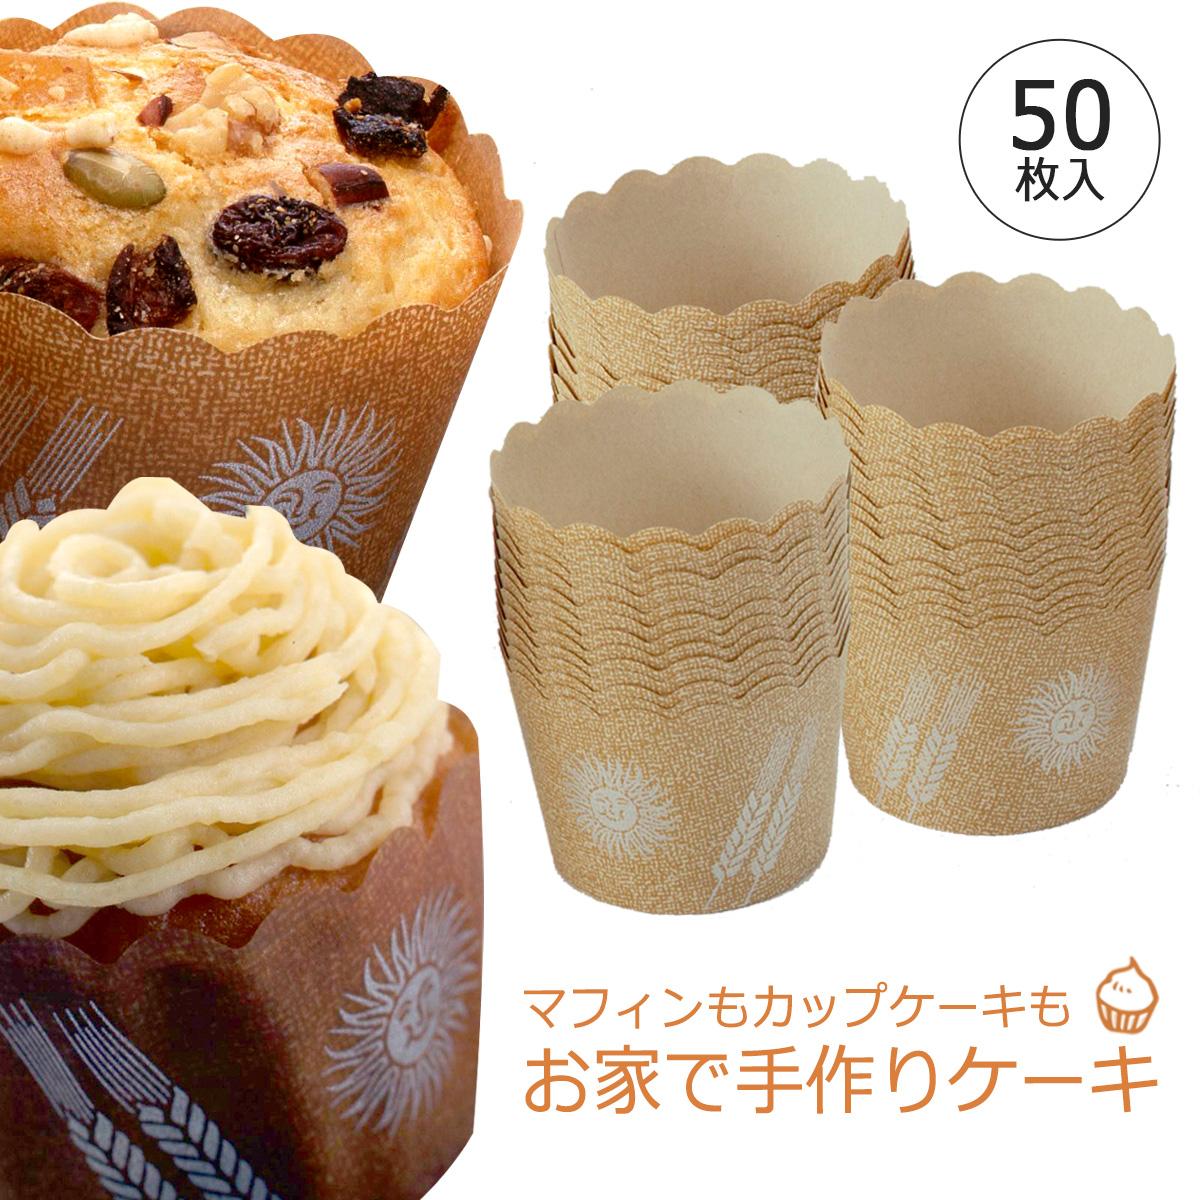 まぜて焼くだけ かんたんおやつ燕三条 ツバメ 日本製 マフィン カップ NP-6型 50枚お菓子作り ホームメイド ケーキ型手作りおやつ カップケーキ おやつケーキ作り ハンドメイド 下村企販